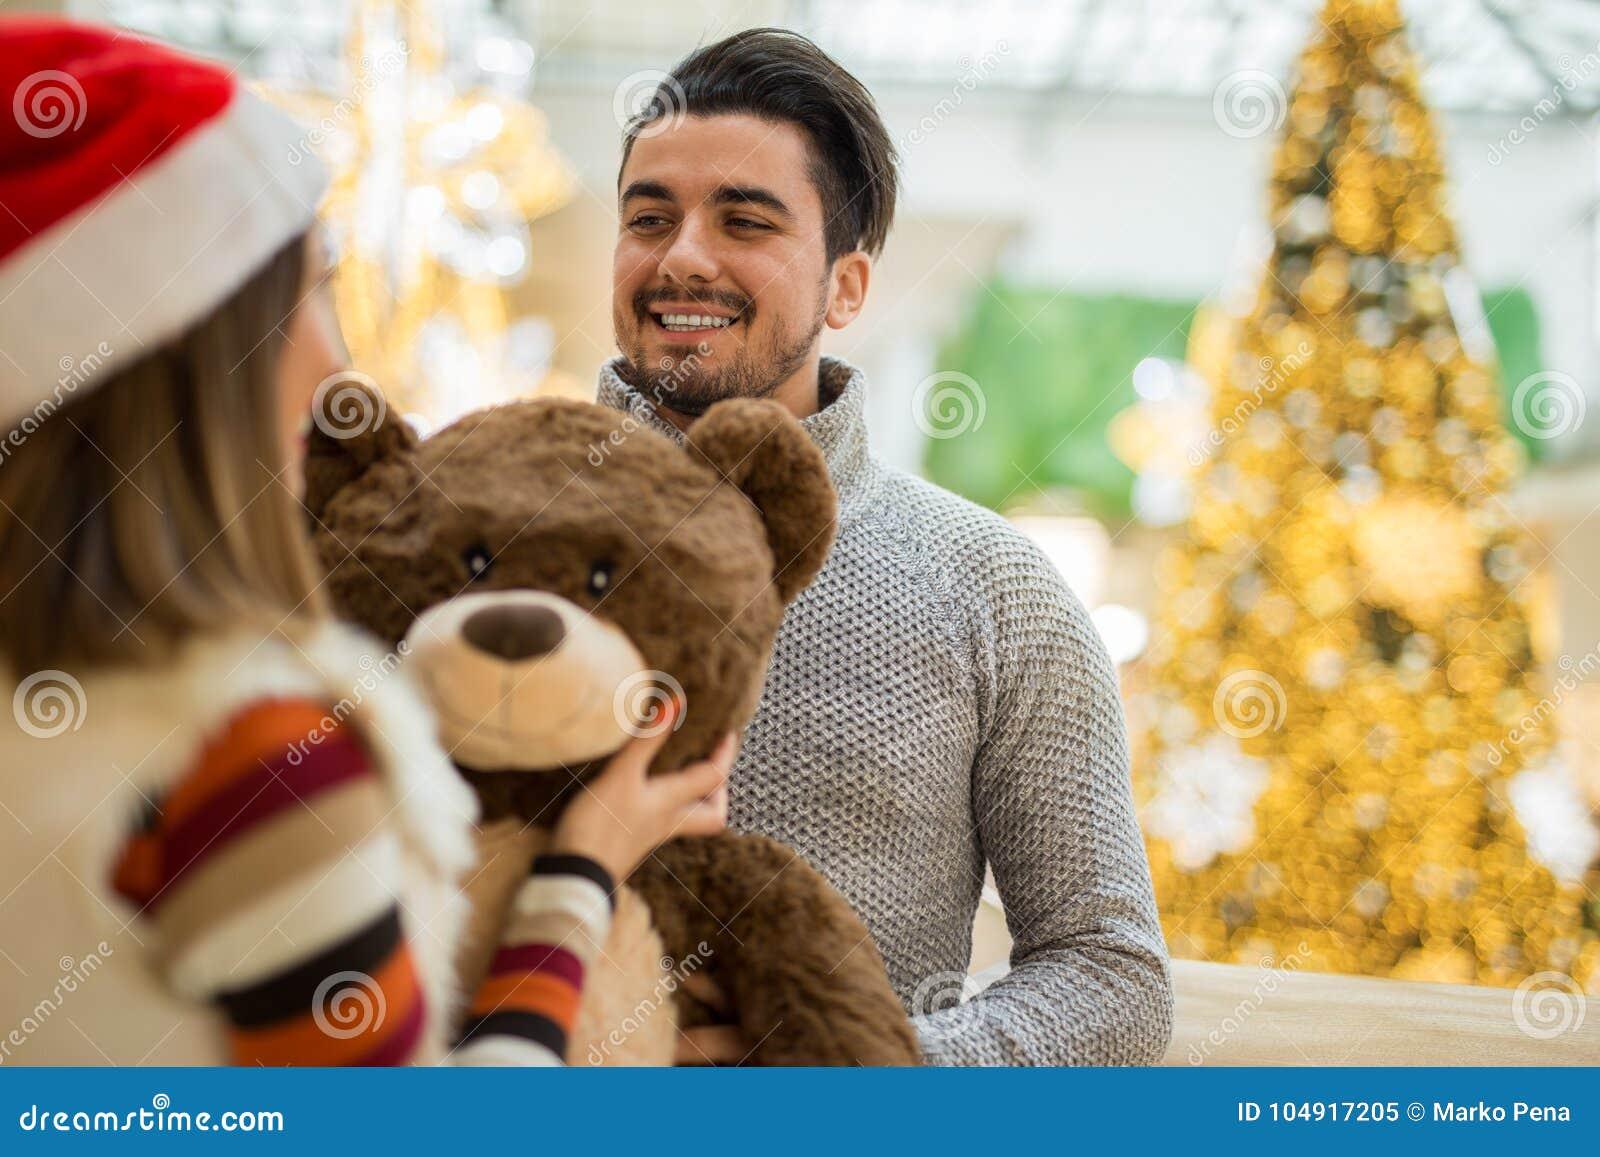 Schöne Paare, Die Weihnachtsgeschenke Ina Einkaufszentrum ...